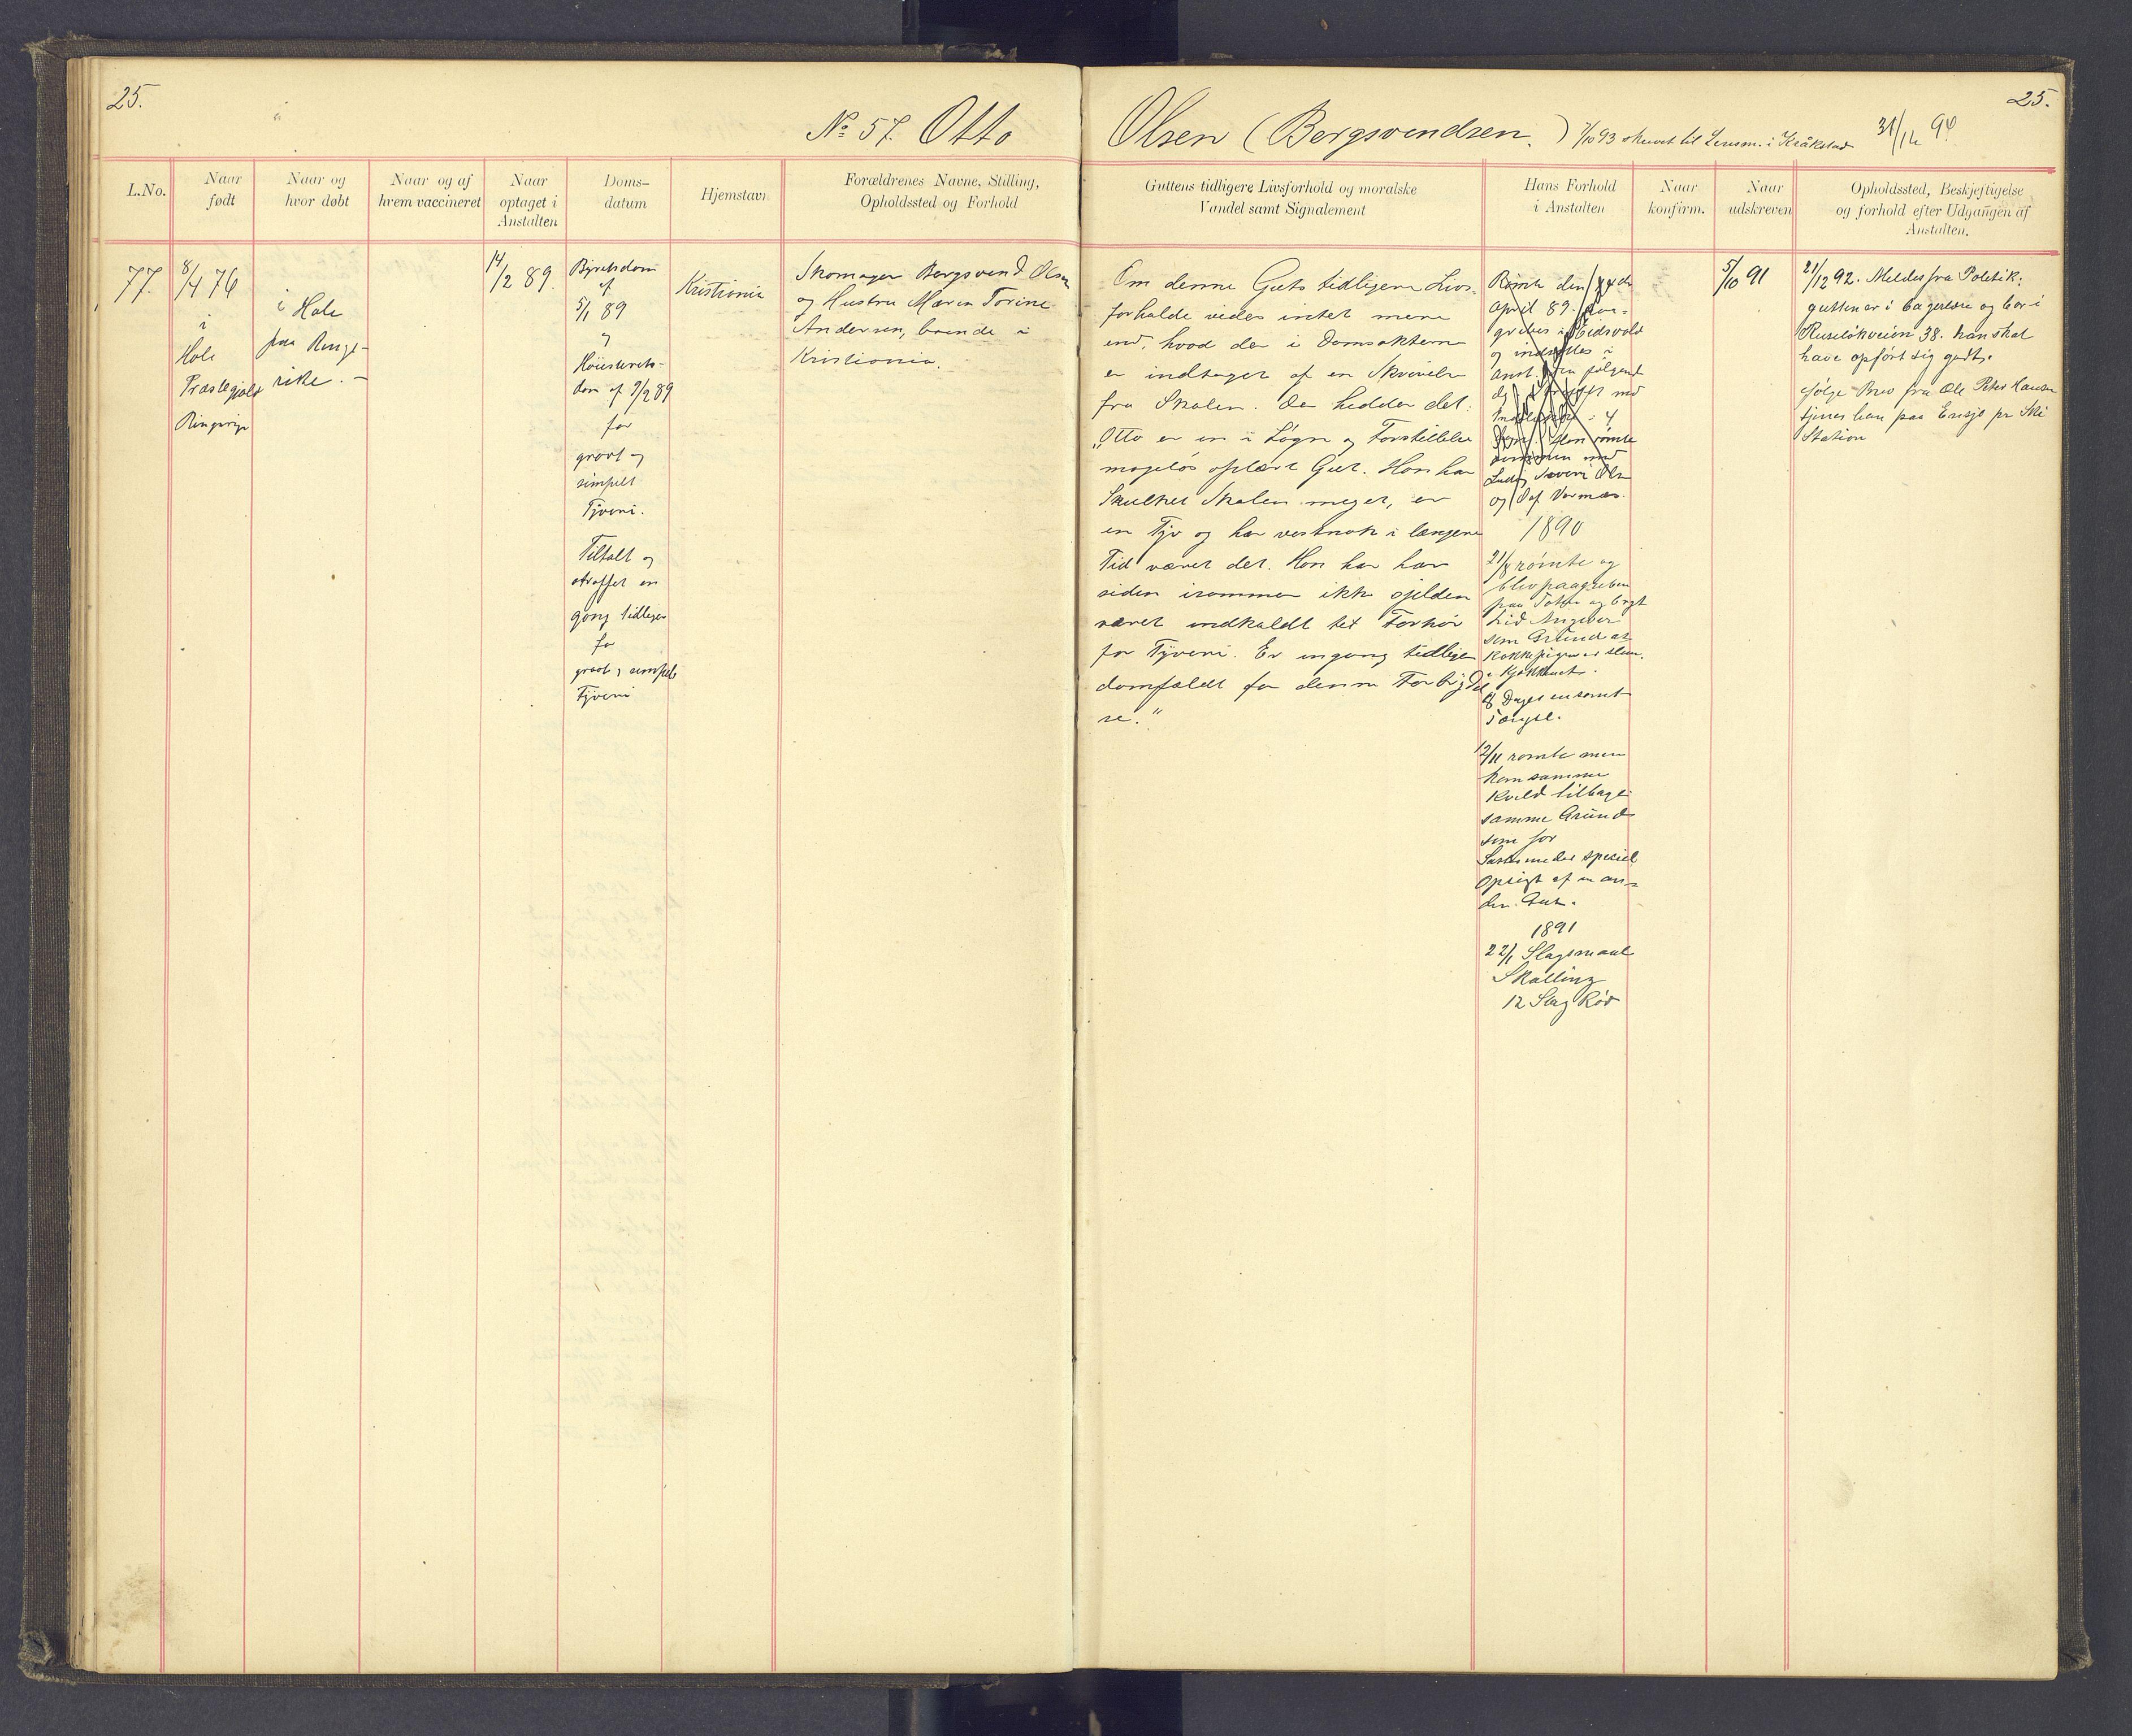 SAH, Toftes Gave, F/Fc/L0003: Elevprotokoll, 1886-1897, s. 25